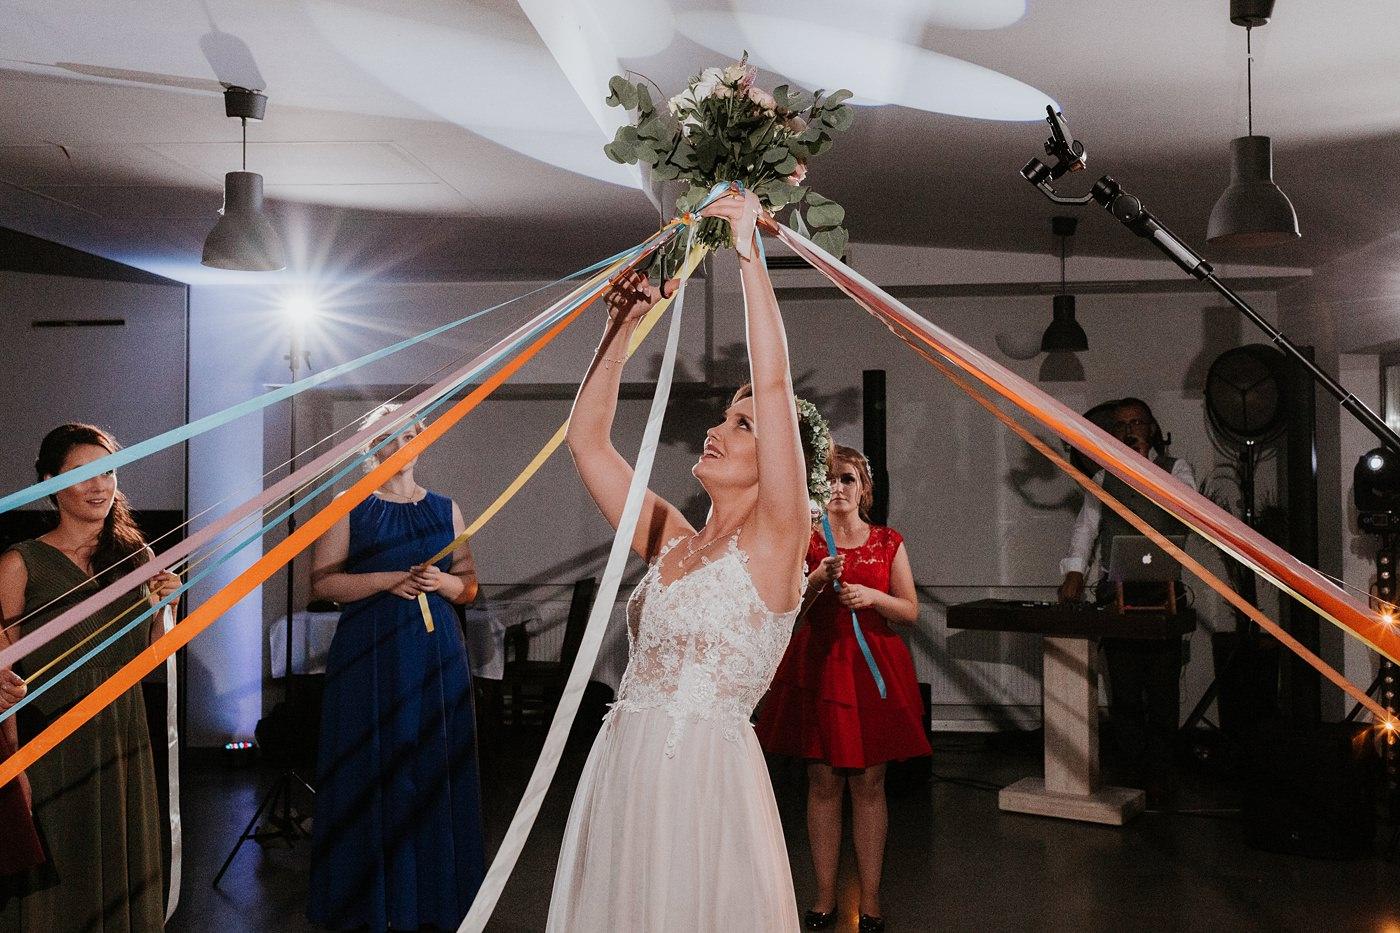 Anna & Wojtek - Ślub cywilny w plenerze - Barnówko w Sam Las 112